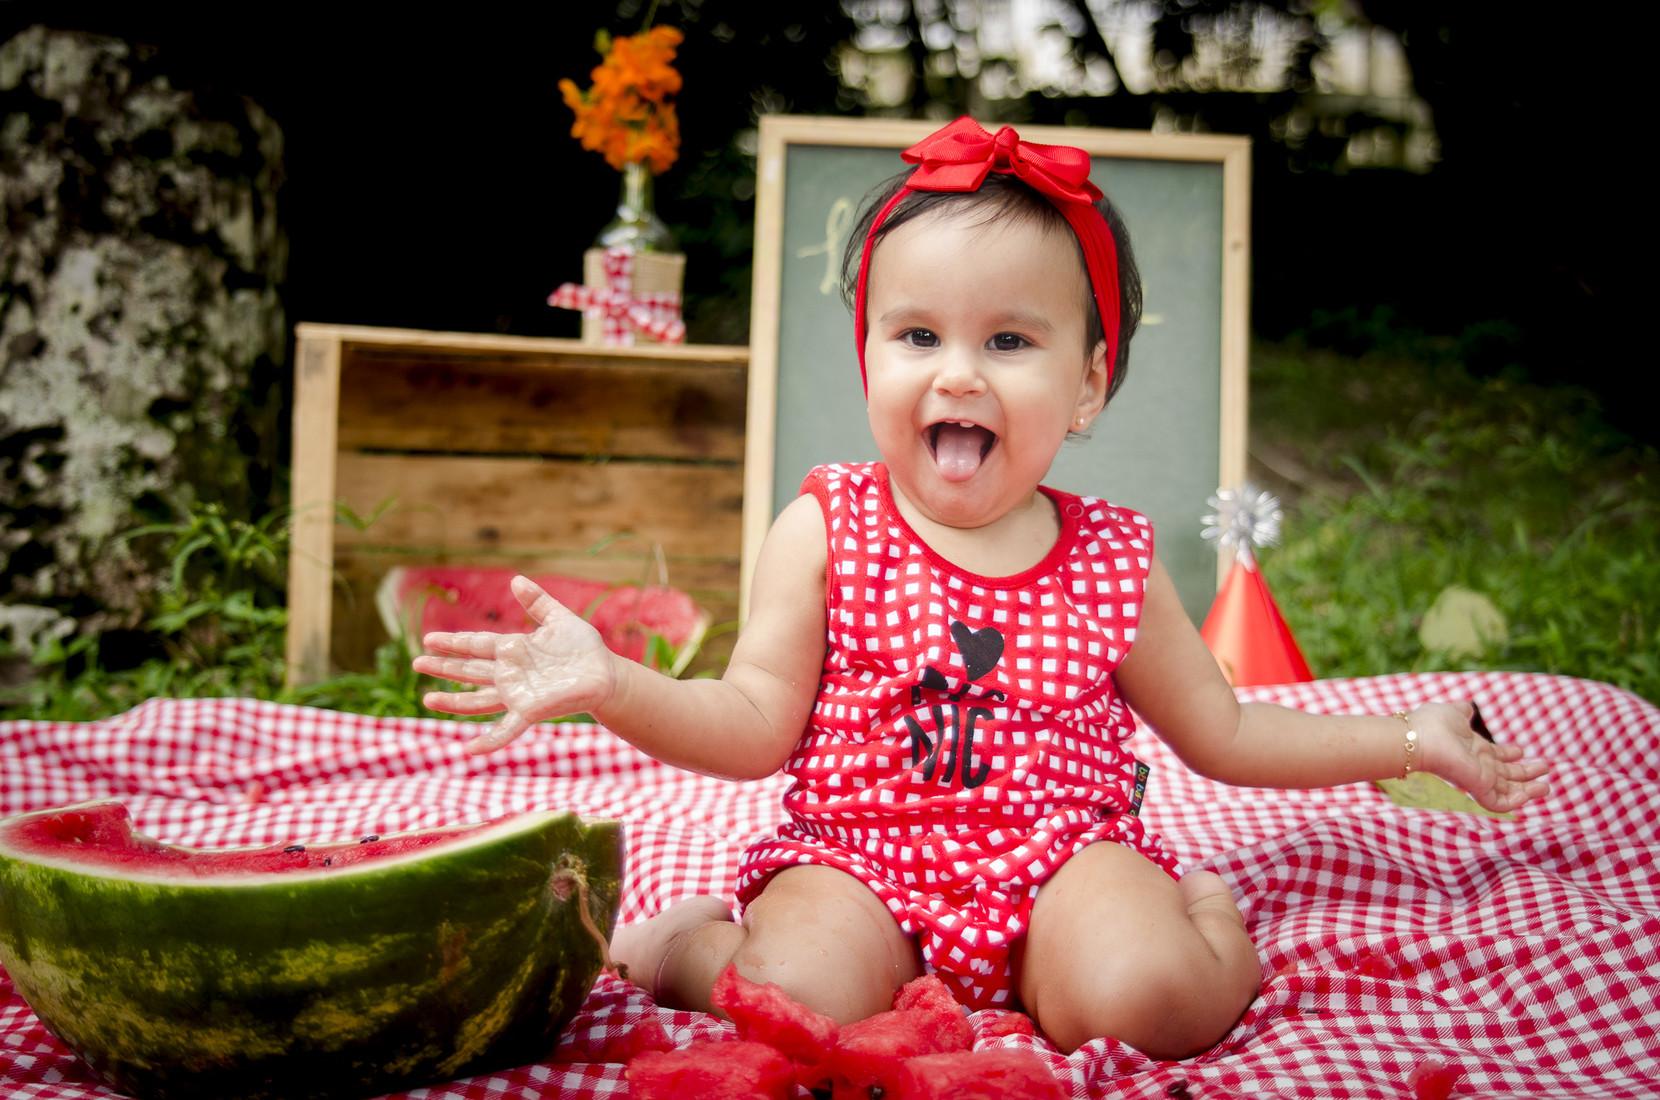 Contate Darcy Lima fotografia - crianças e familias - João Pessoa PB